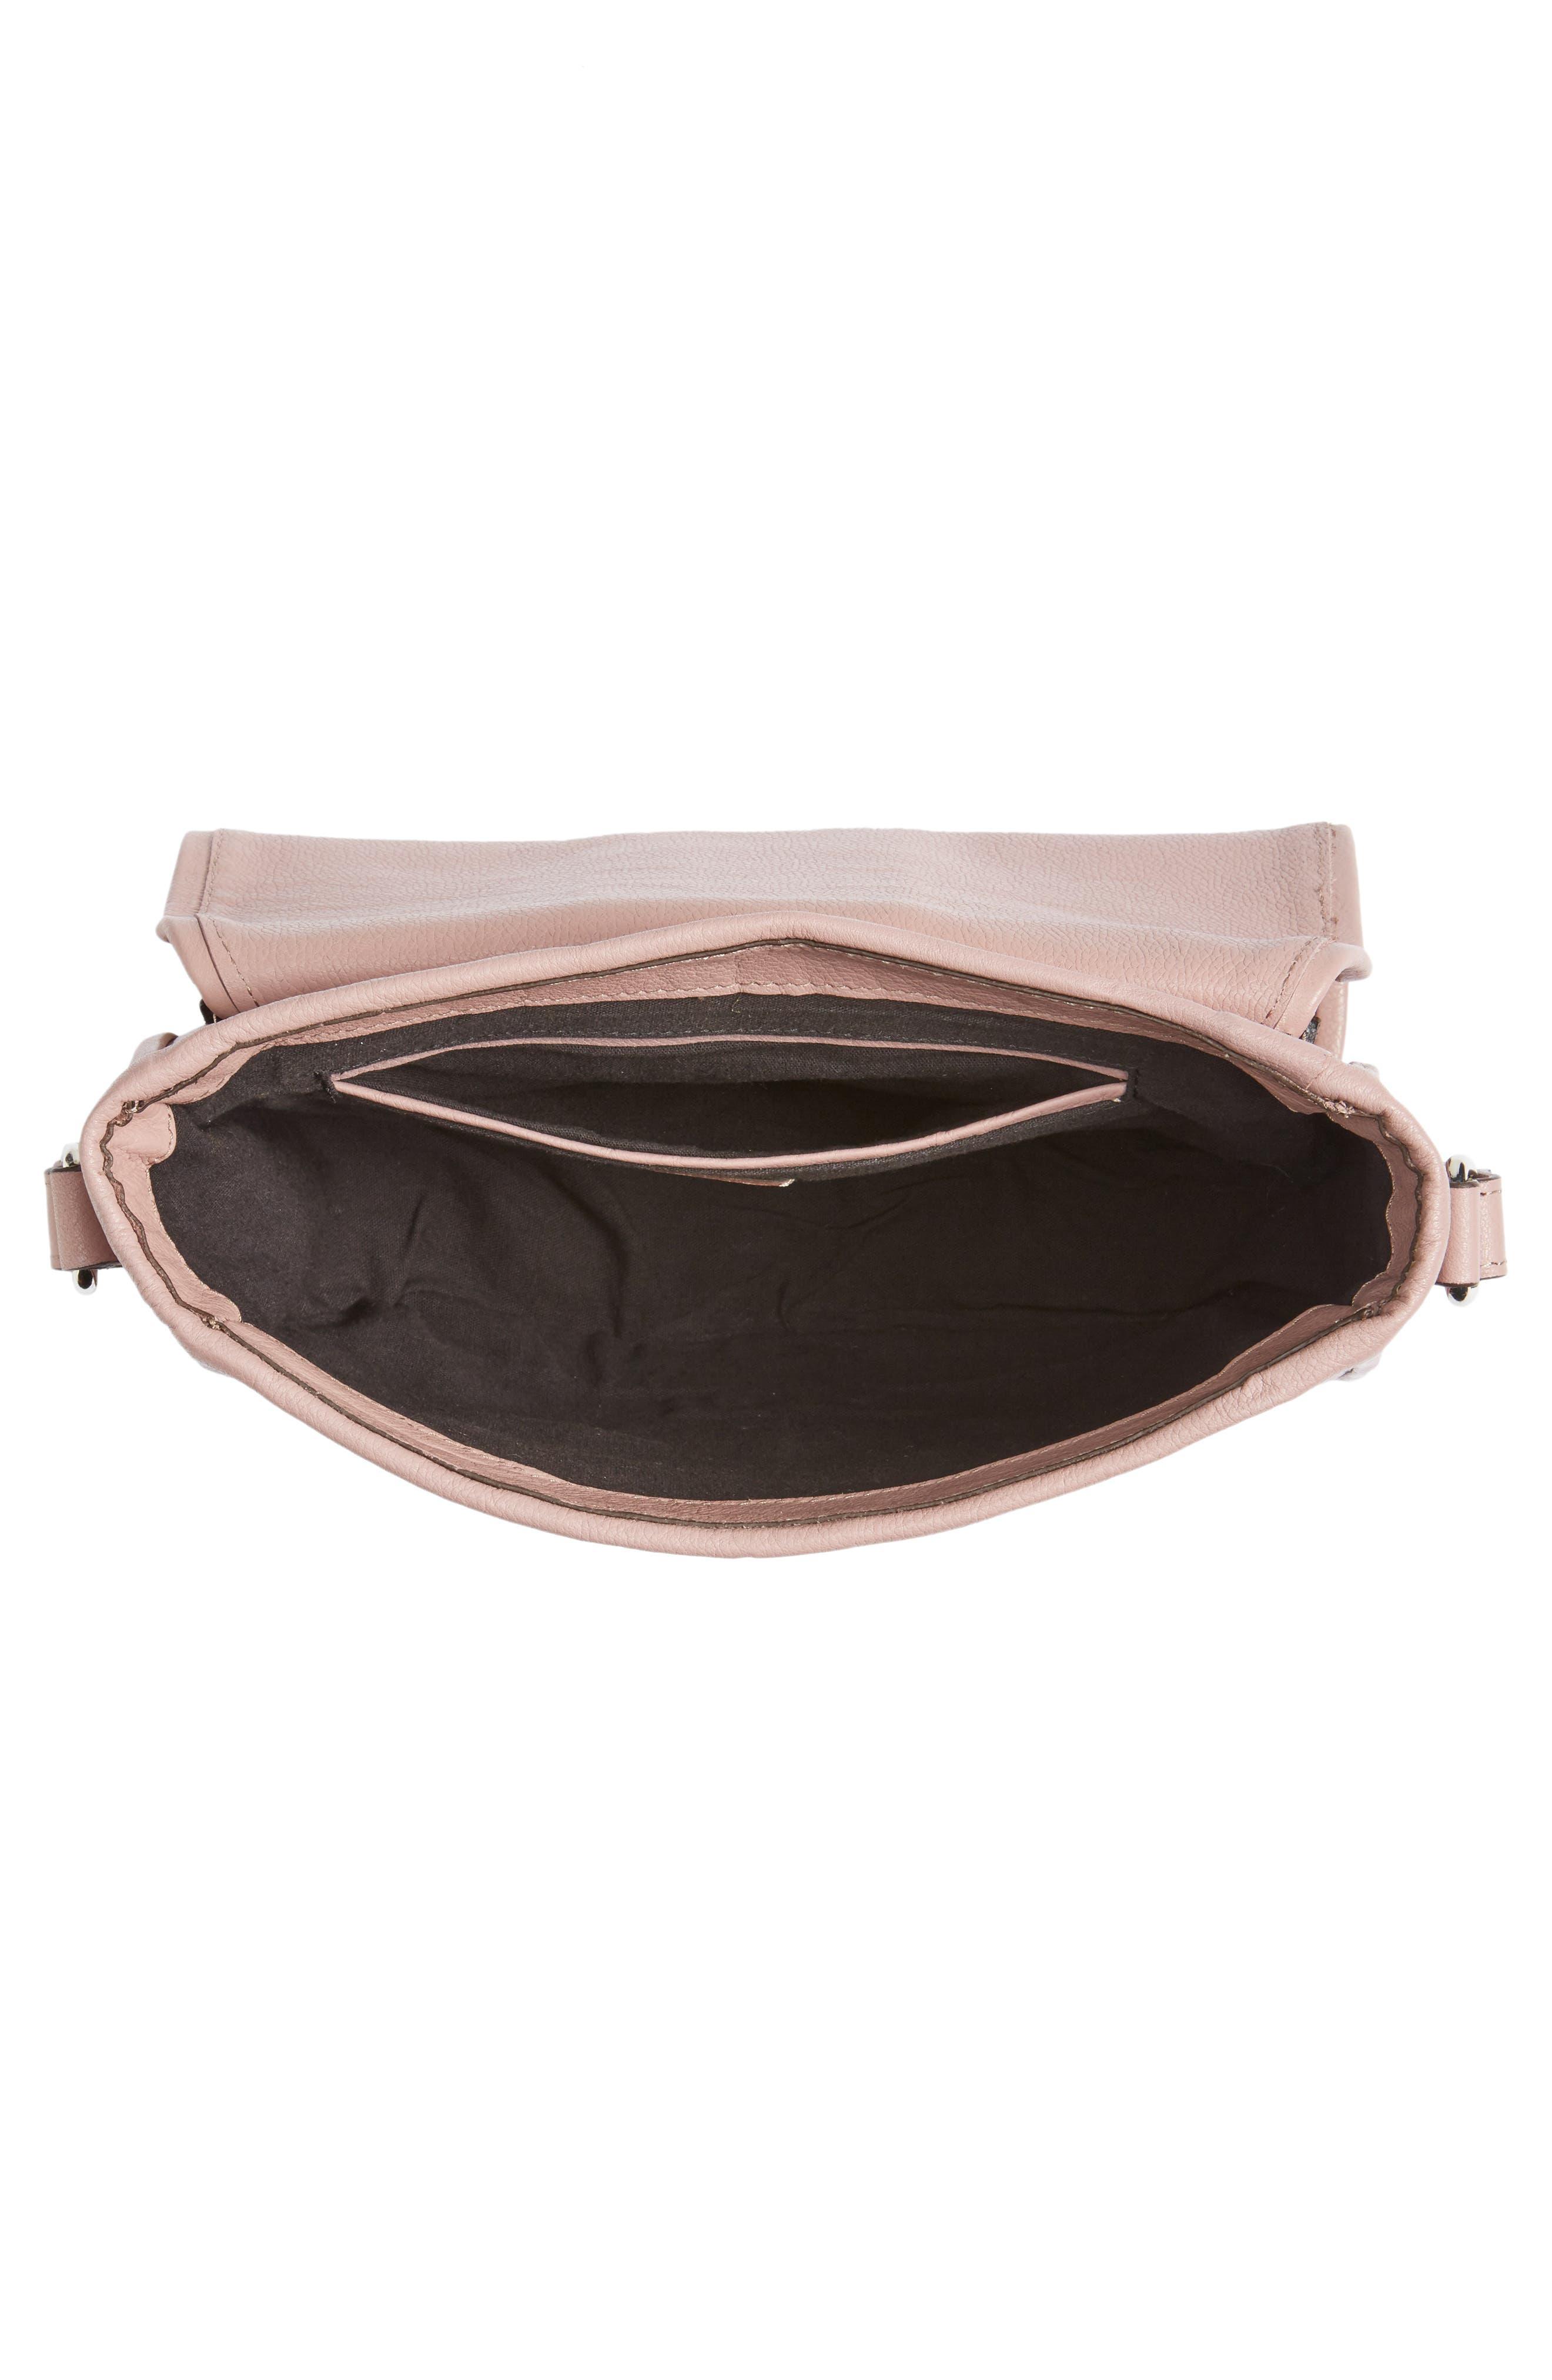 Premium Leather Studded Shoulder Bag,                             Alternate thumbnail 12, color,